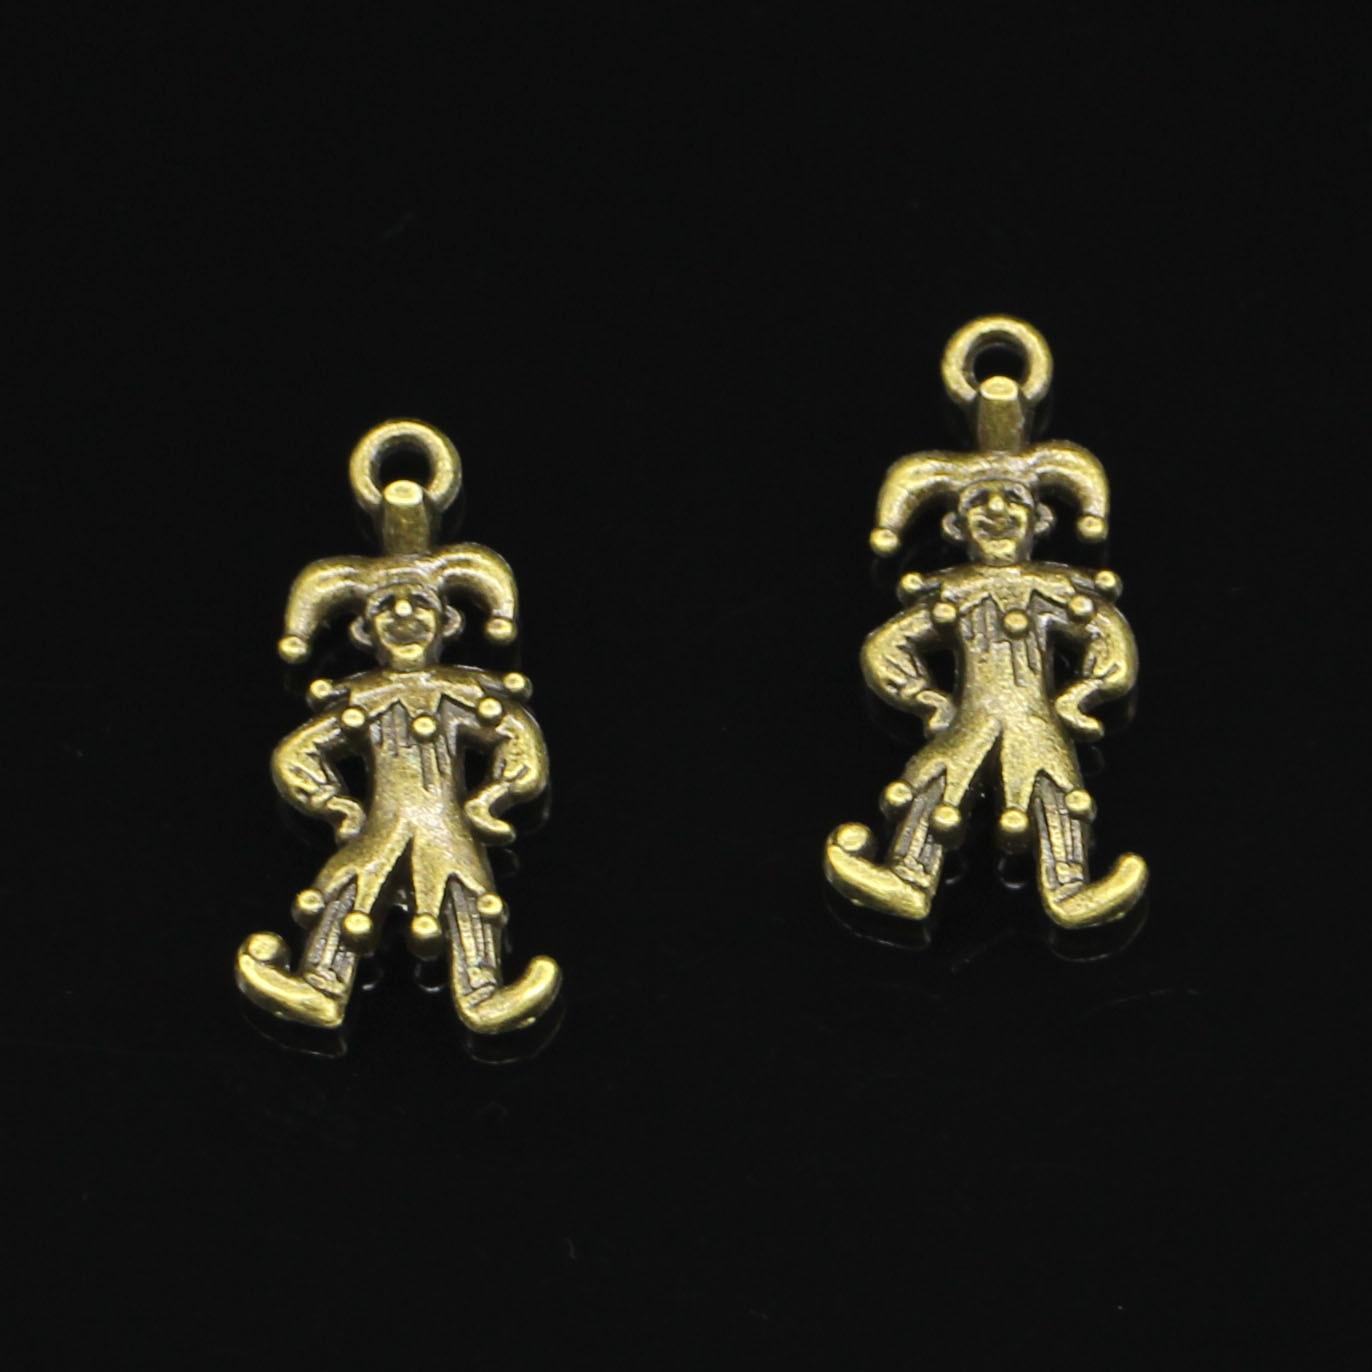 16 Uds estilo antiguo bronce Color payaso joker jester colgantes hallazgos encantos 25*12mm